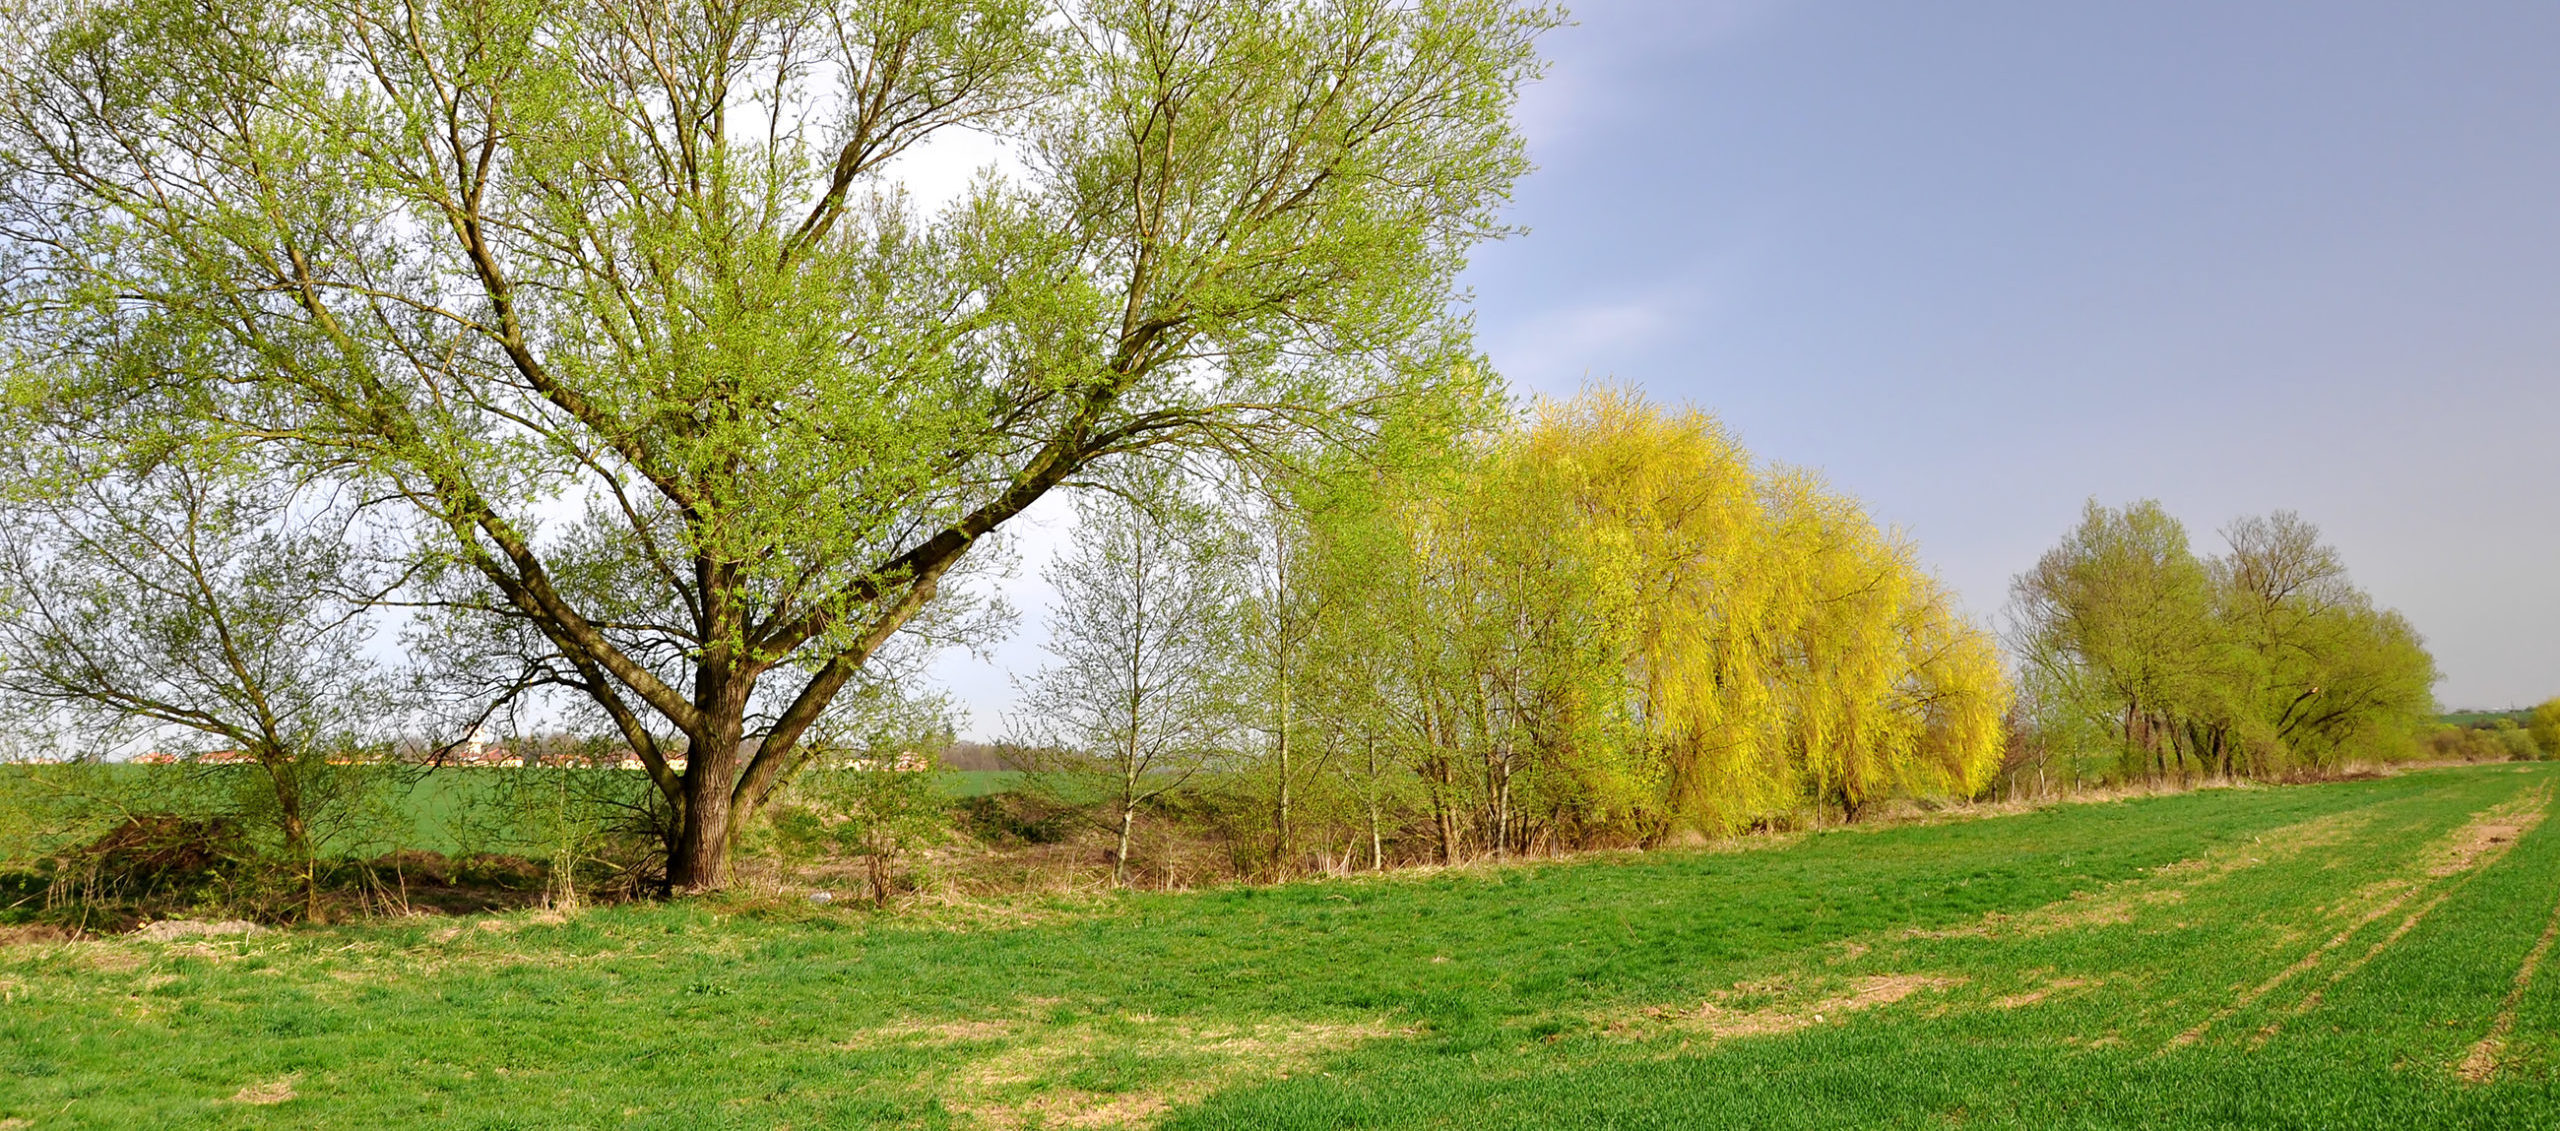 zartgrün und gelb blühende Bäume am Rand eines grünenden Feldes